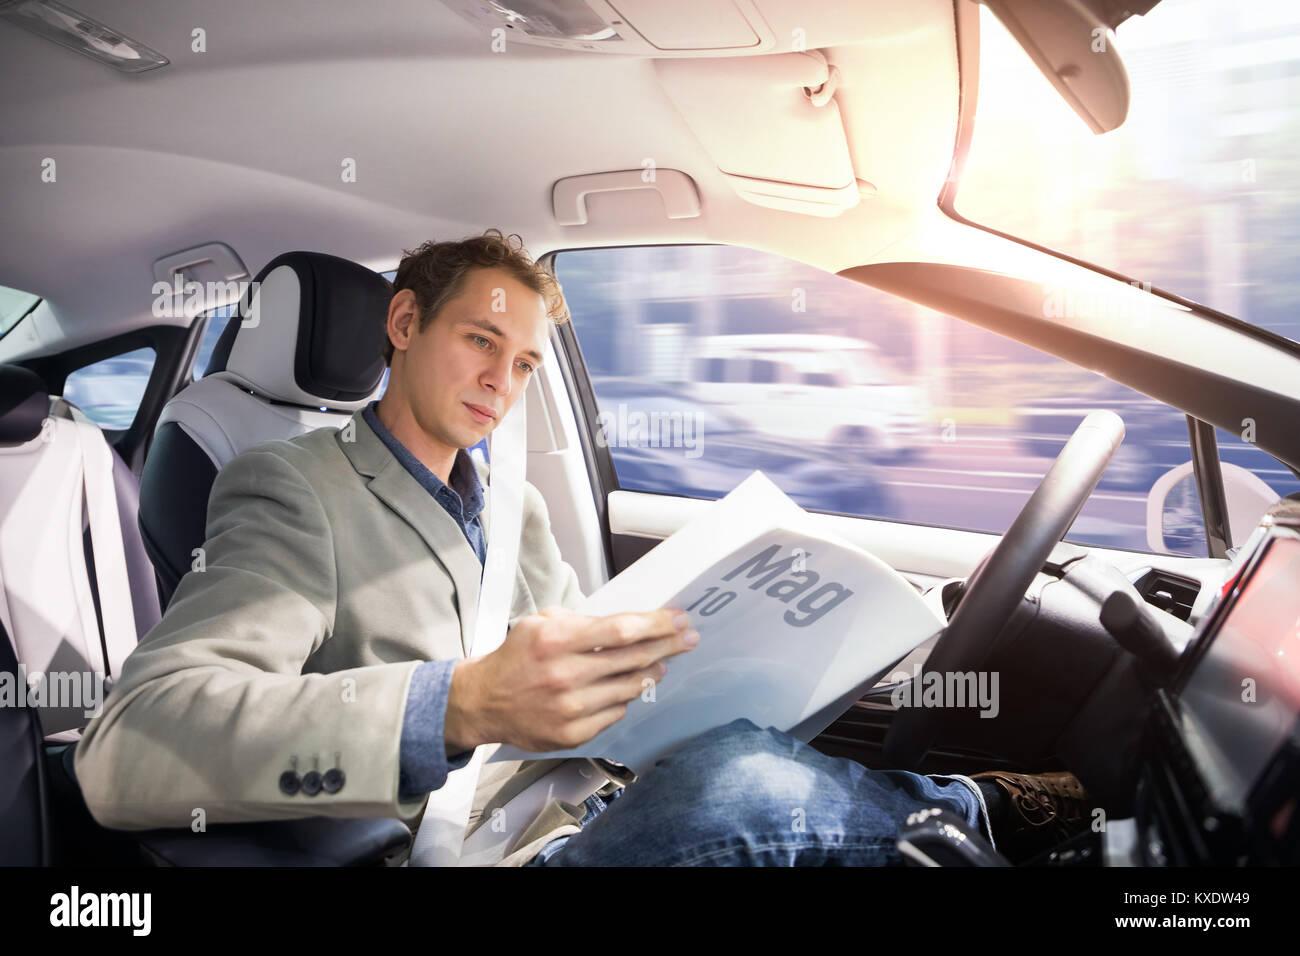 Driver caucasica rivista di lettura in auto autonoma. Auto durante la guida del veicolo. Driverless car. Foto Stock